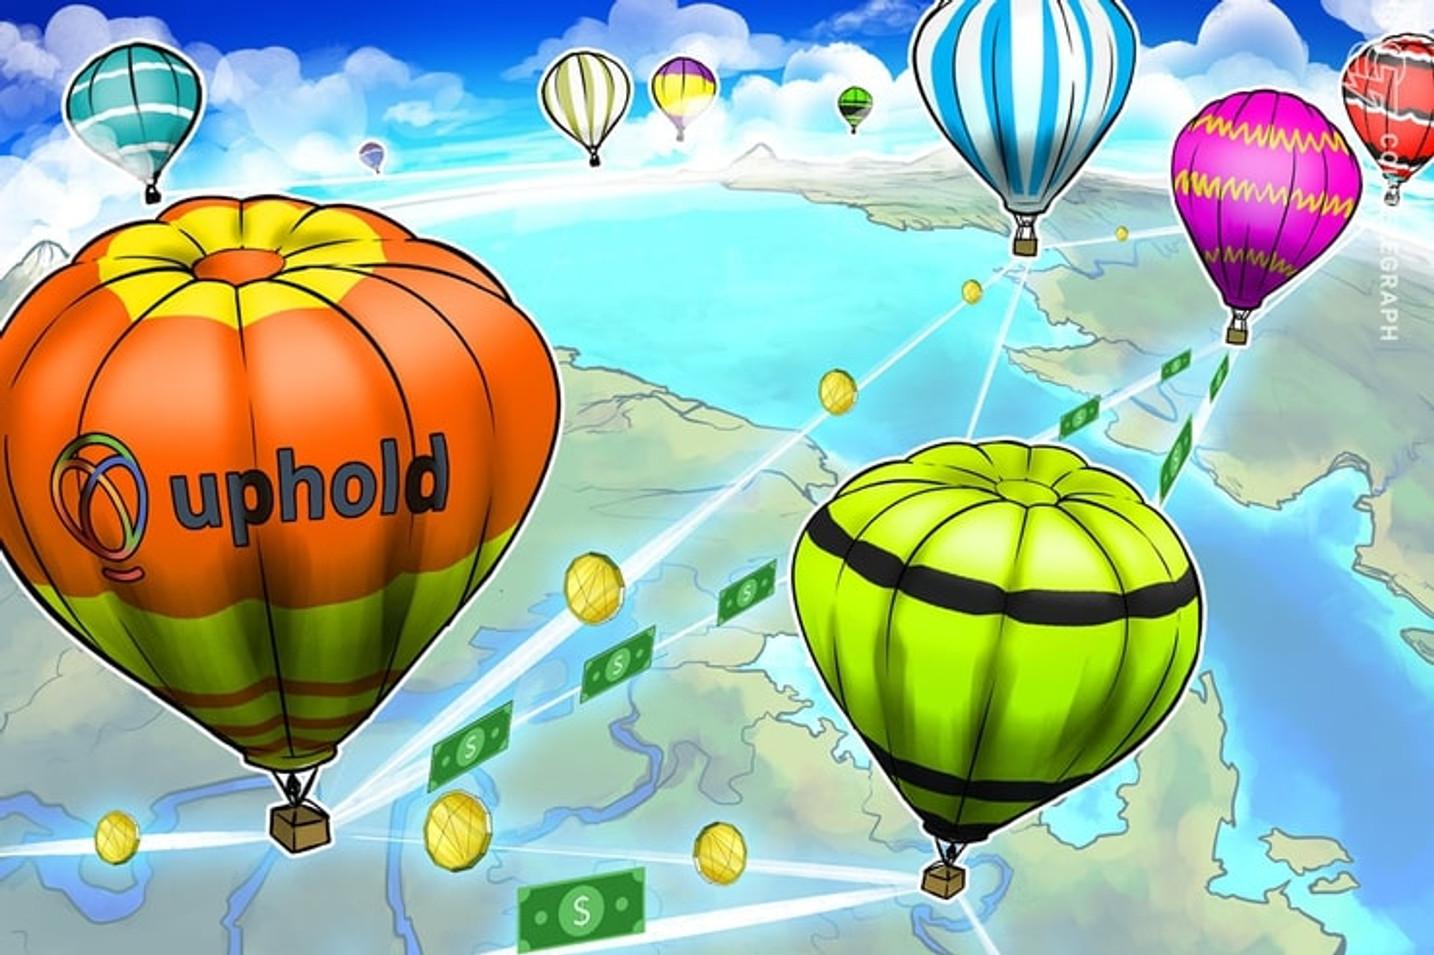 Uphold lanza un Centro de Stablecoins disponible para usuarios de América Latina